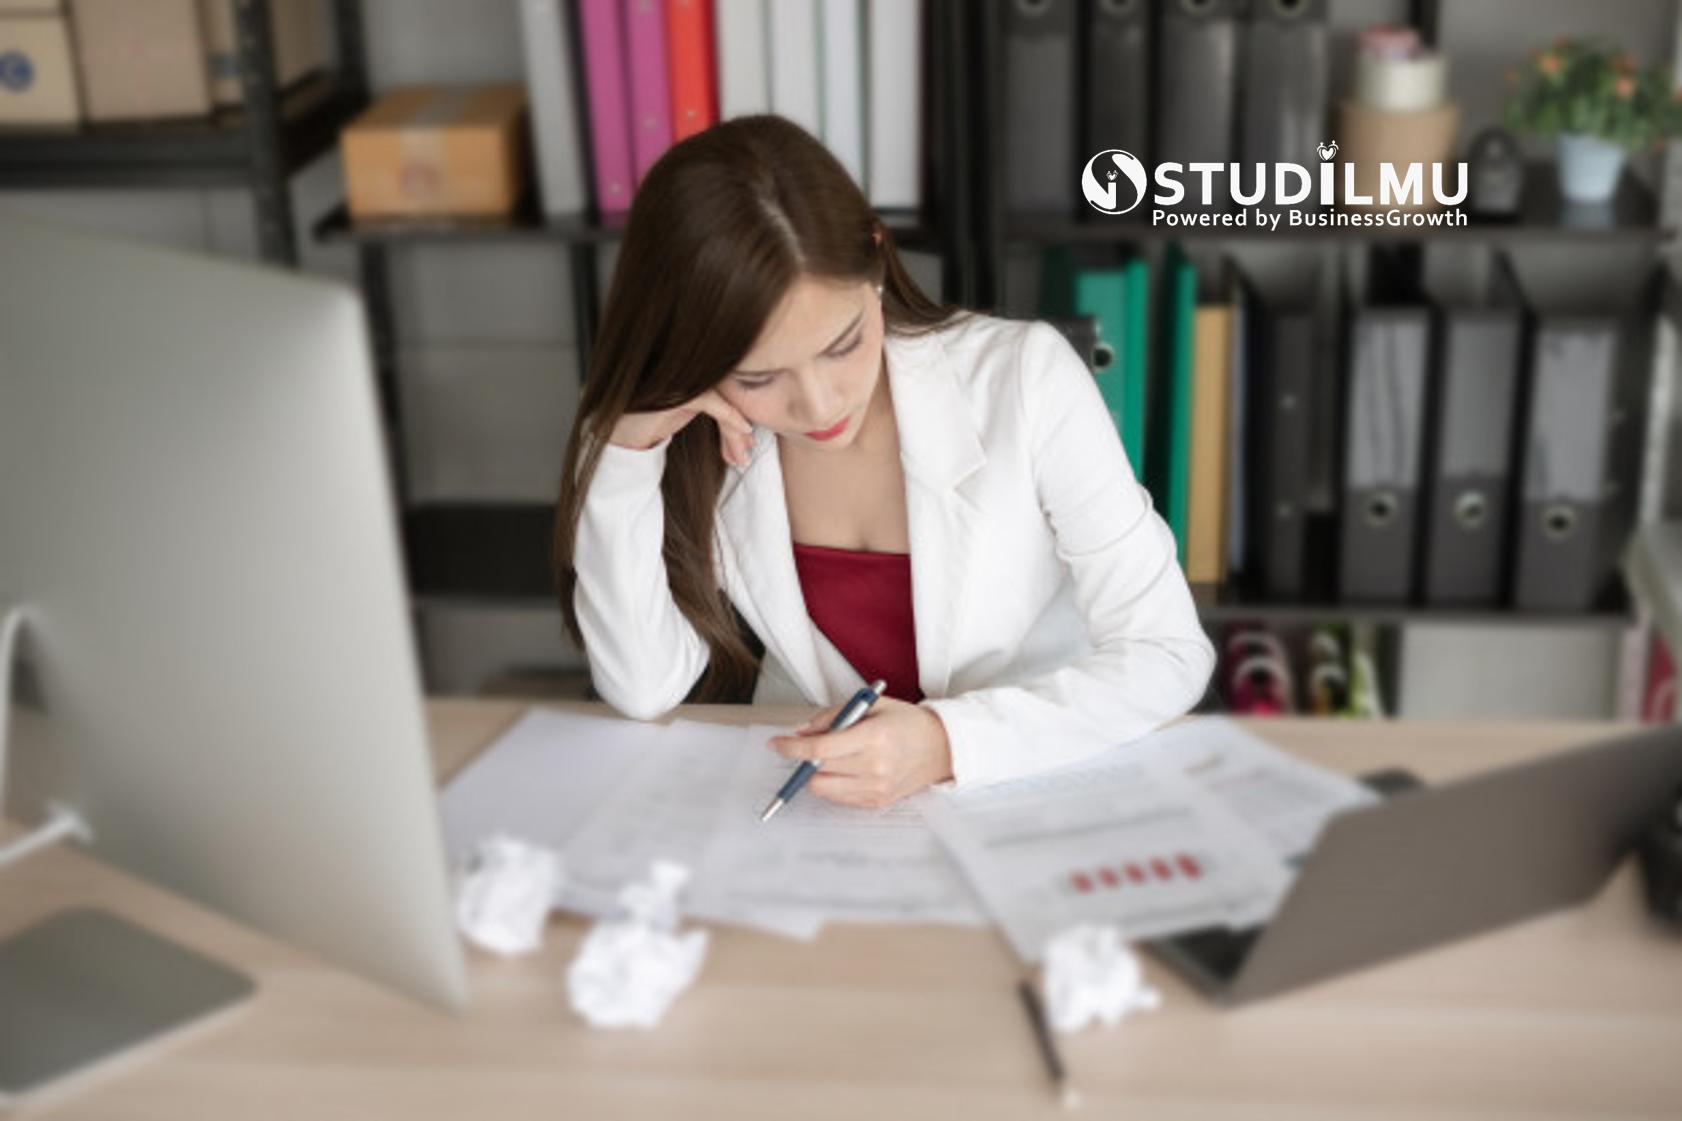 STUDILMU Career Advice - 5 Kebiasaan Baik yang Perlu Diadopsi di Tempat Kerja